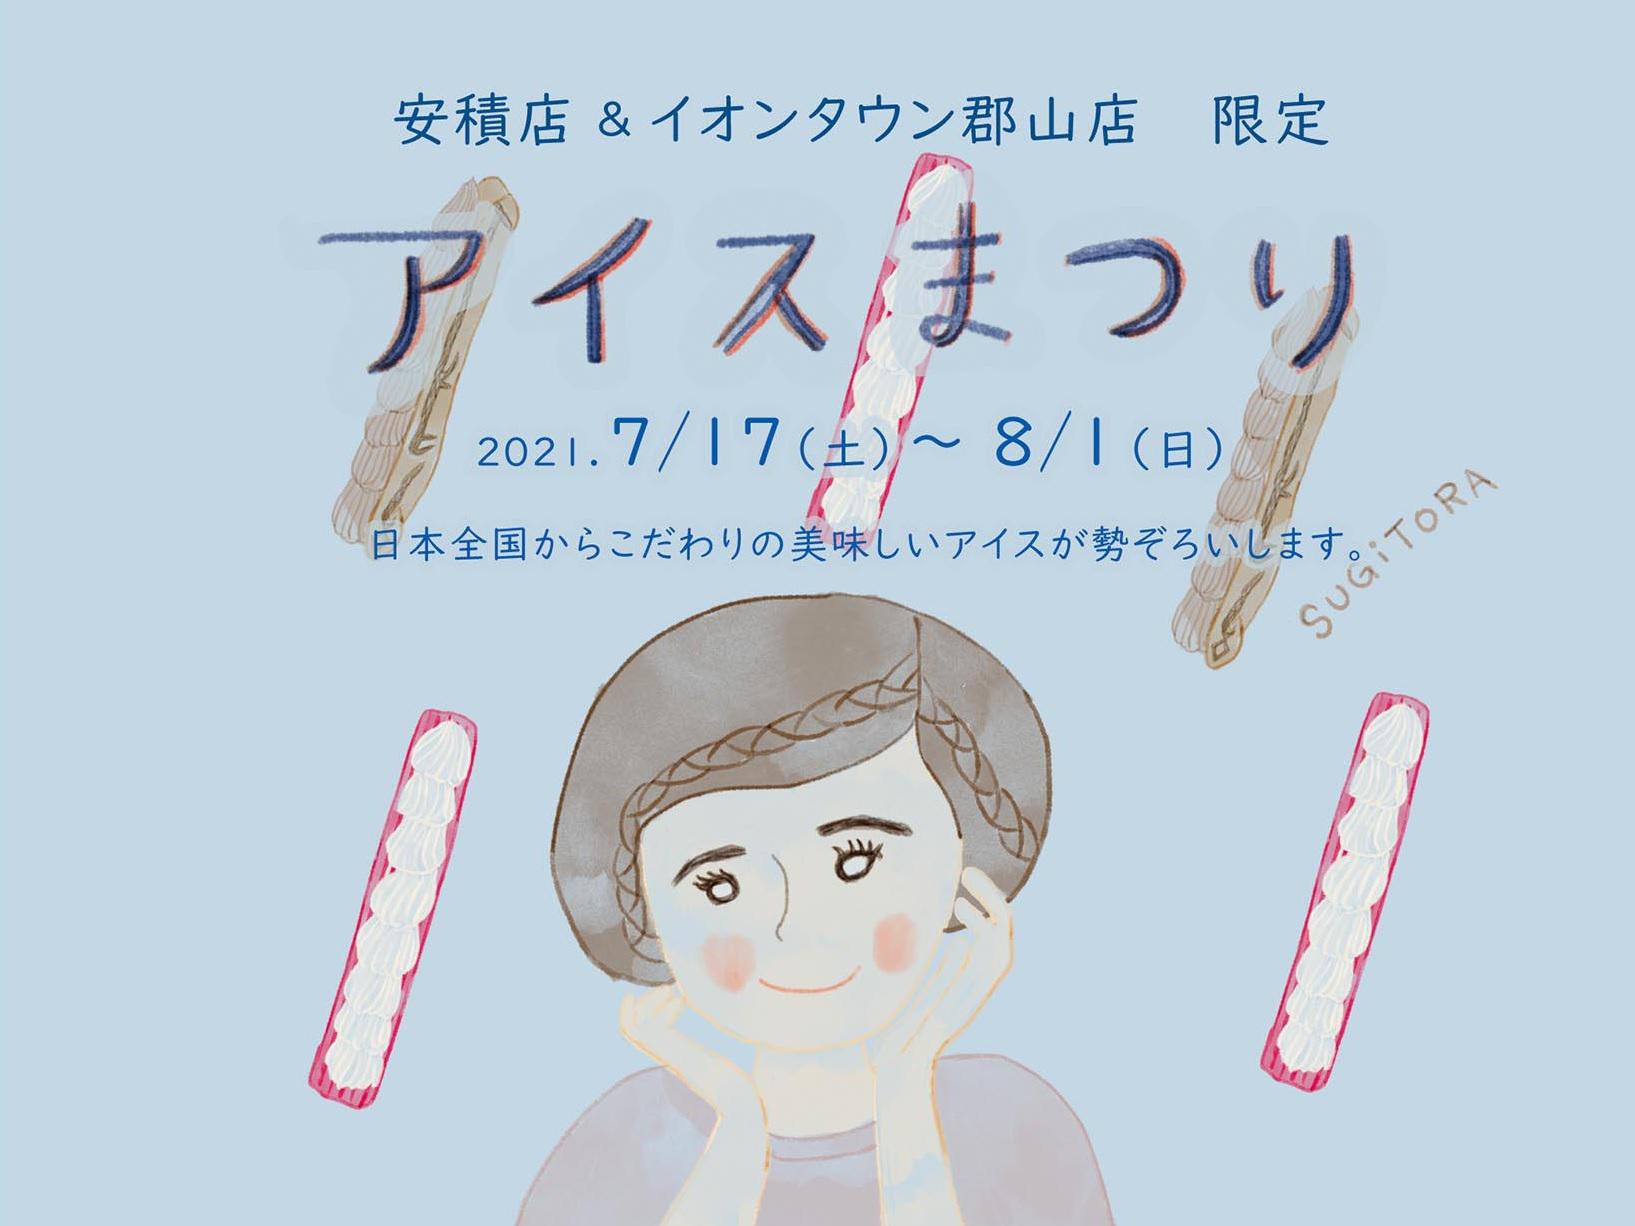 「アイス祭り」開催!◆7月17日(土)~8月1日(日)